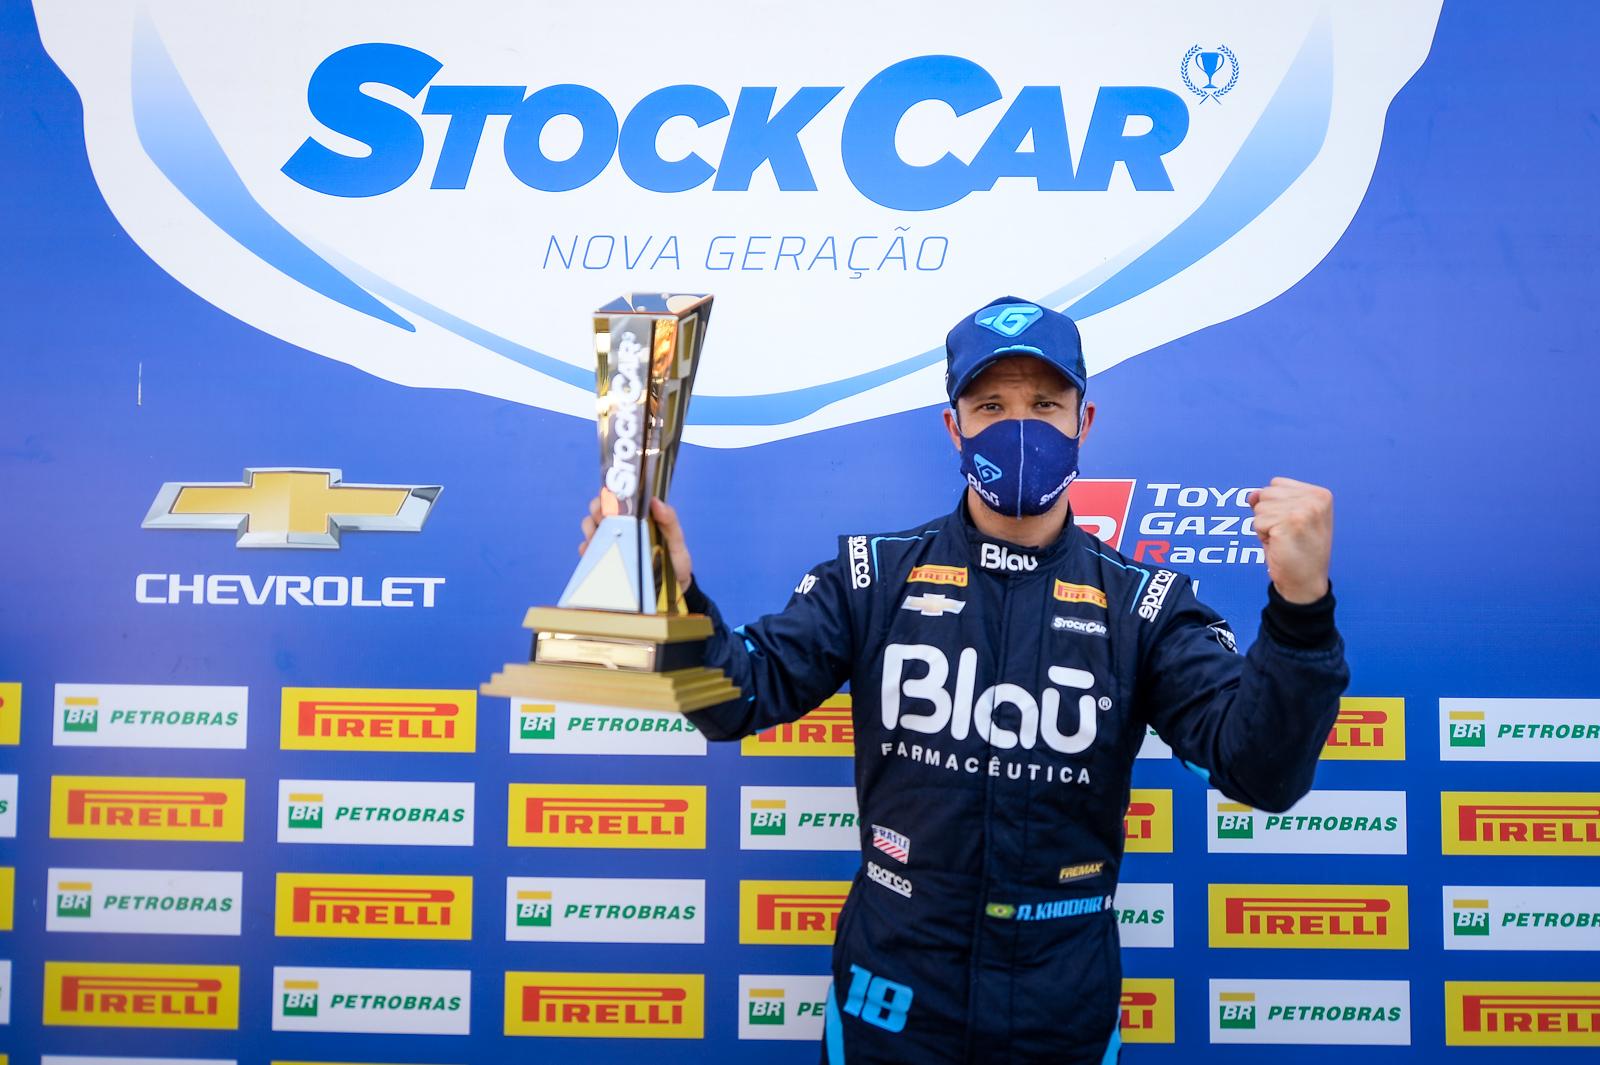 10_StockCar2020_DudaBairros_Goiânia-041